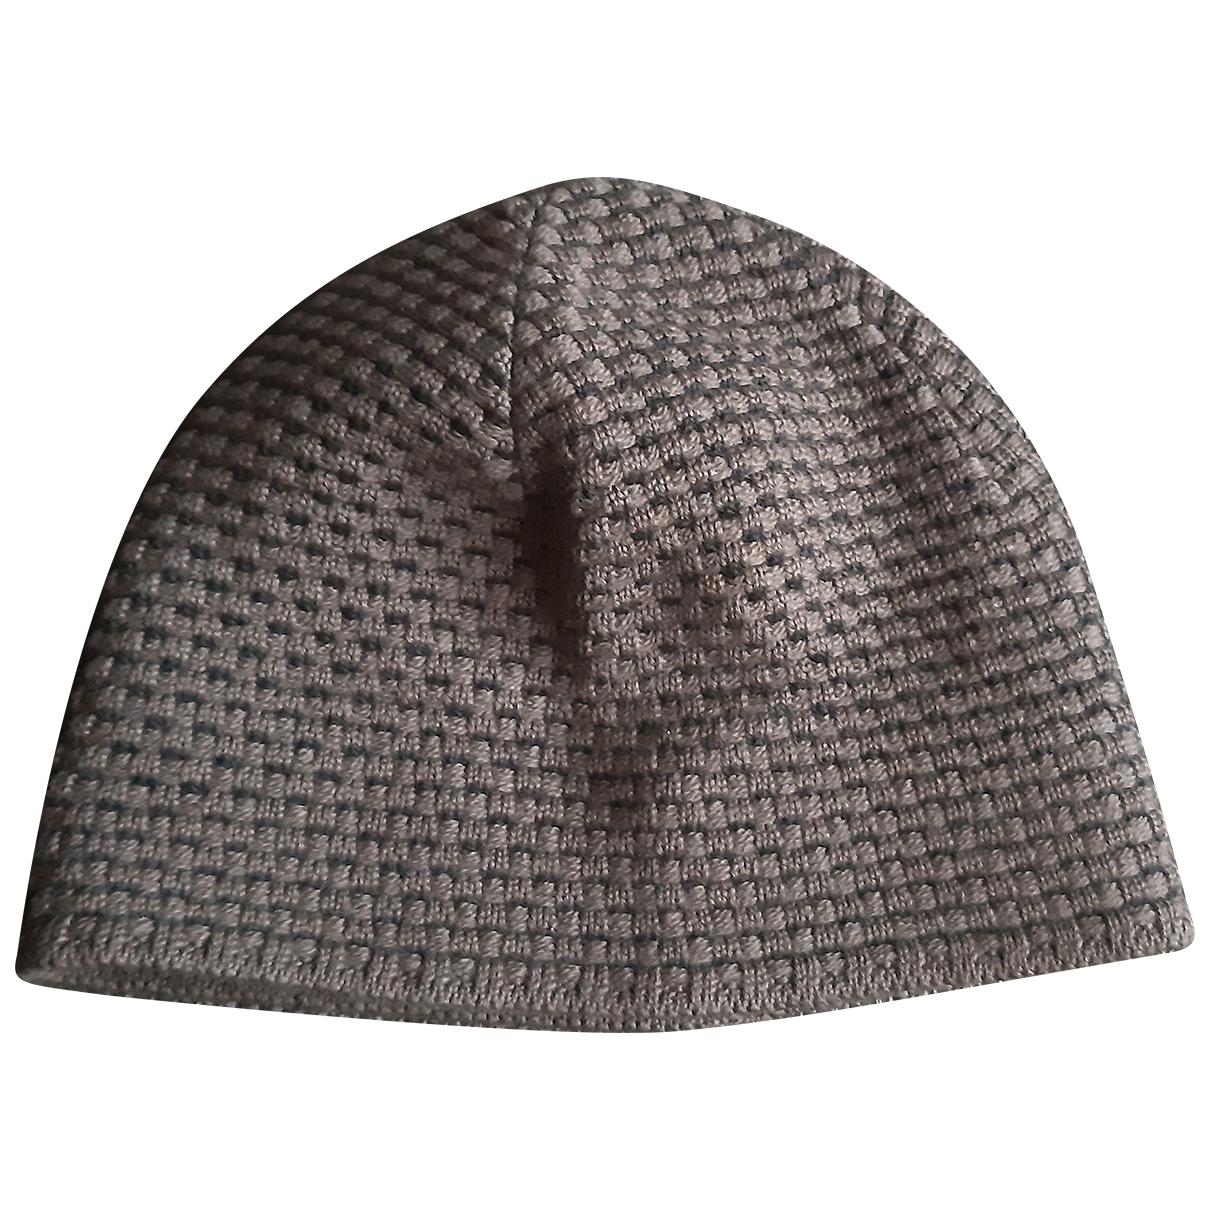 Giorgio Armani N Wool hat for Women 57 cm